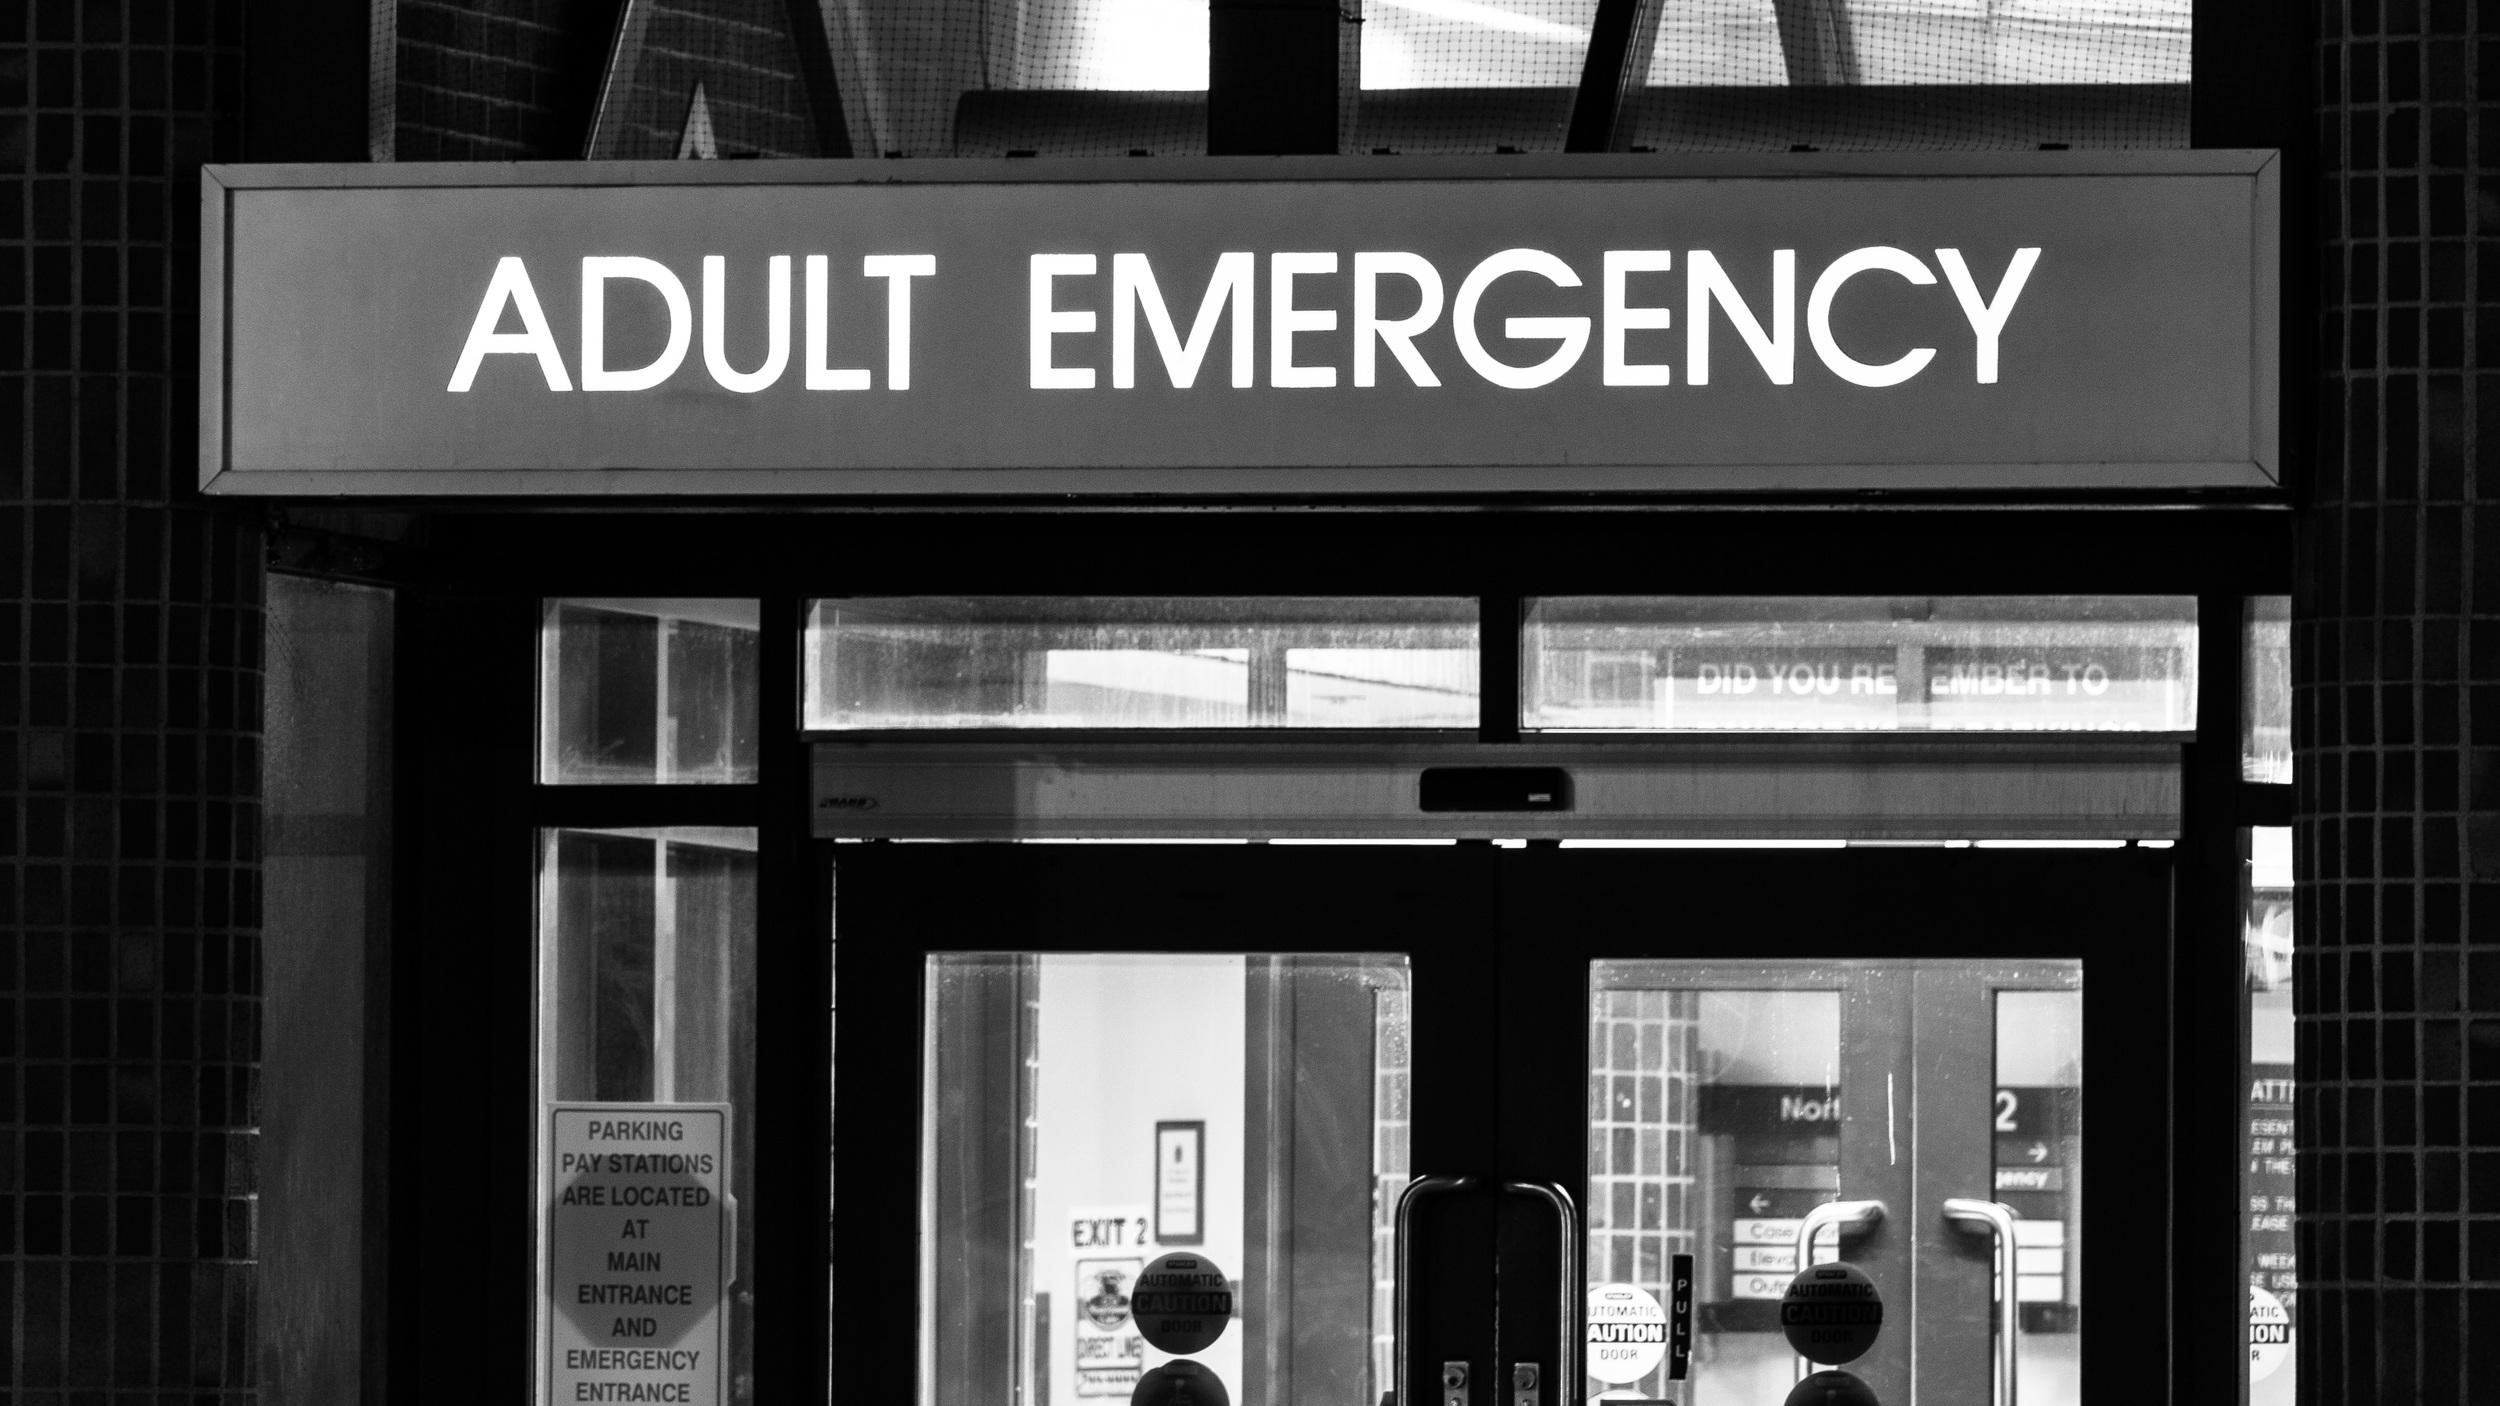 Adult Emergency